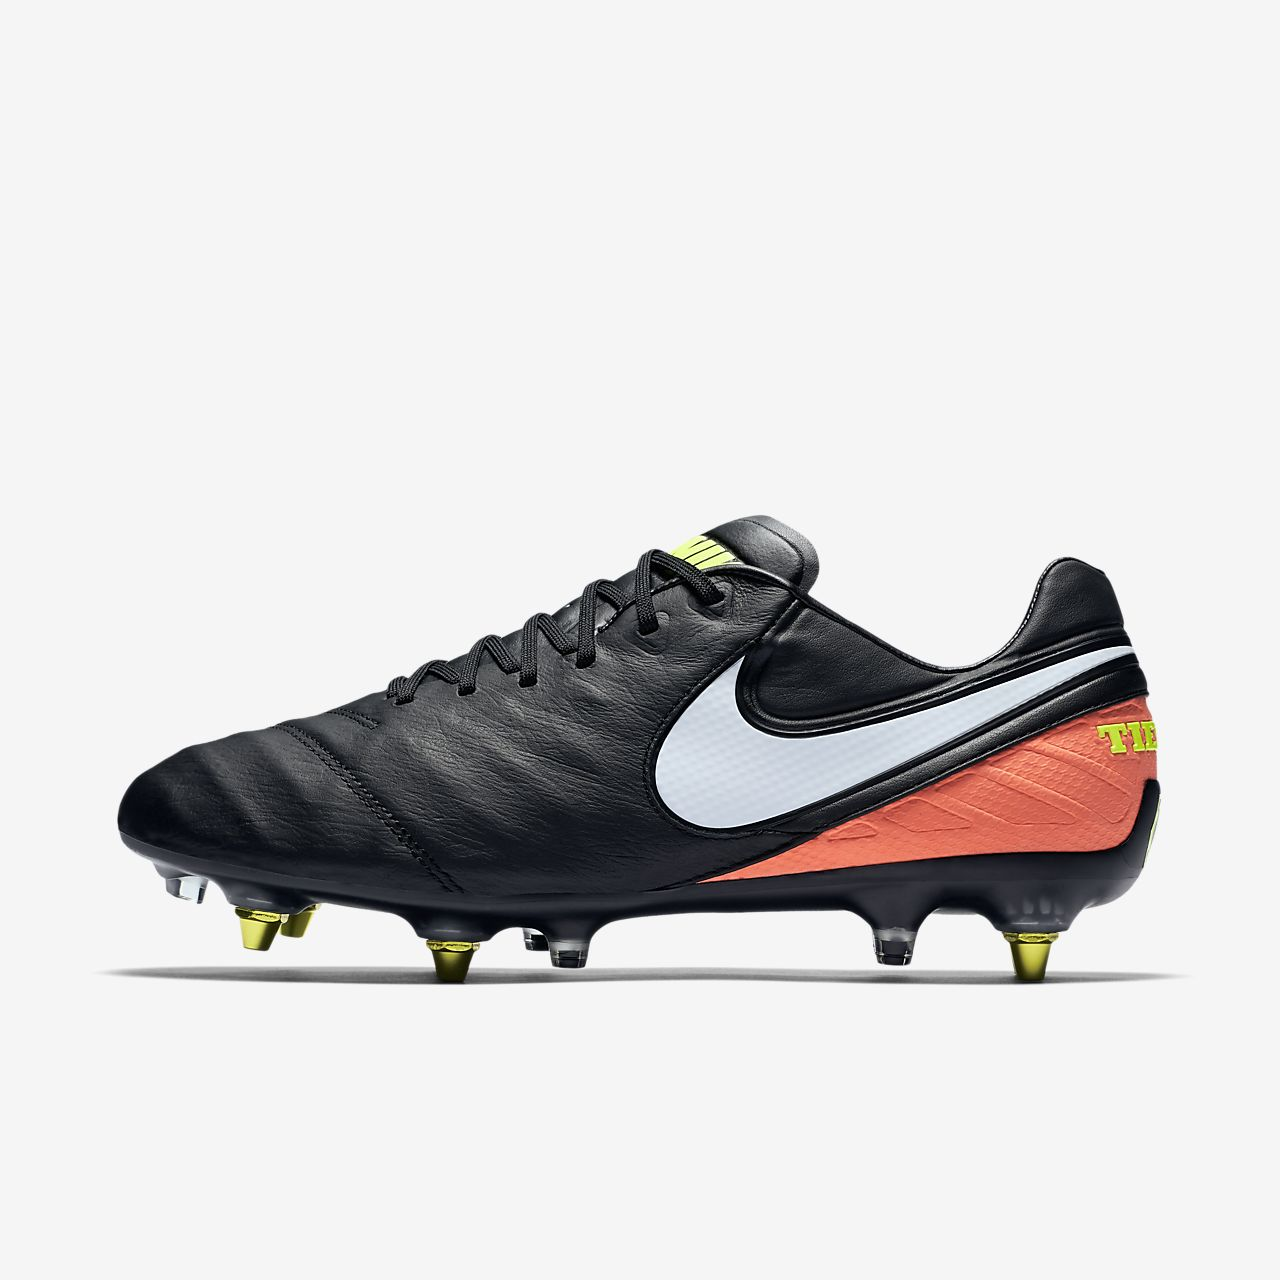 Chaussure de football à crampons pour terrain gras Nike Tiempo Legend VI SG PRO Anti Clog Traction